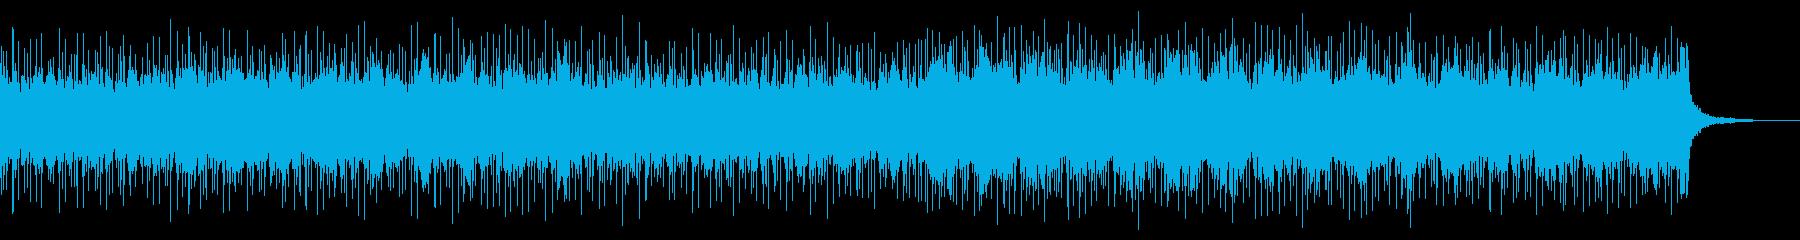 重厚で美しいバンドロックBGMの再生済みの波形